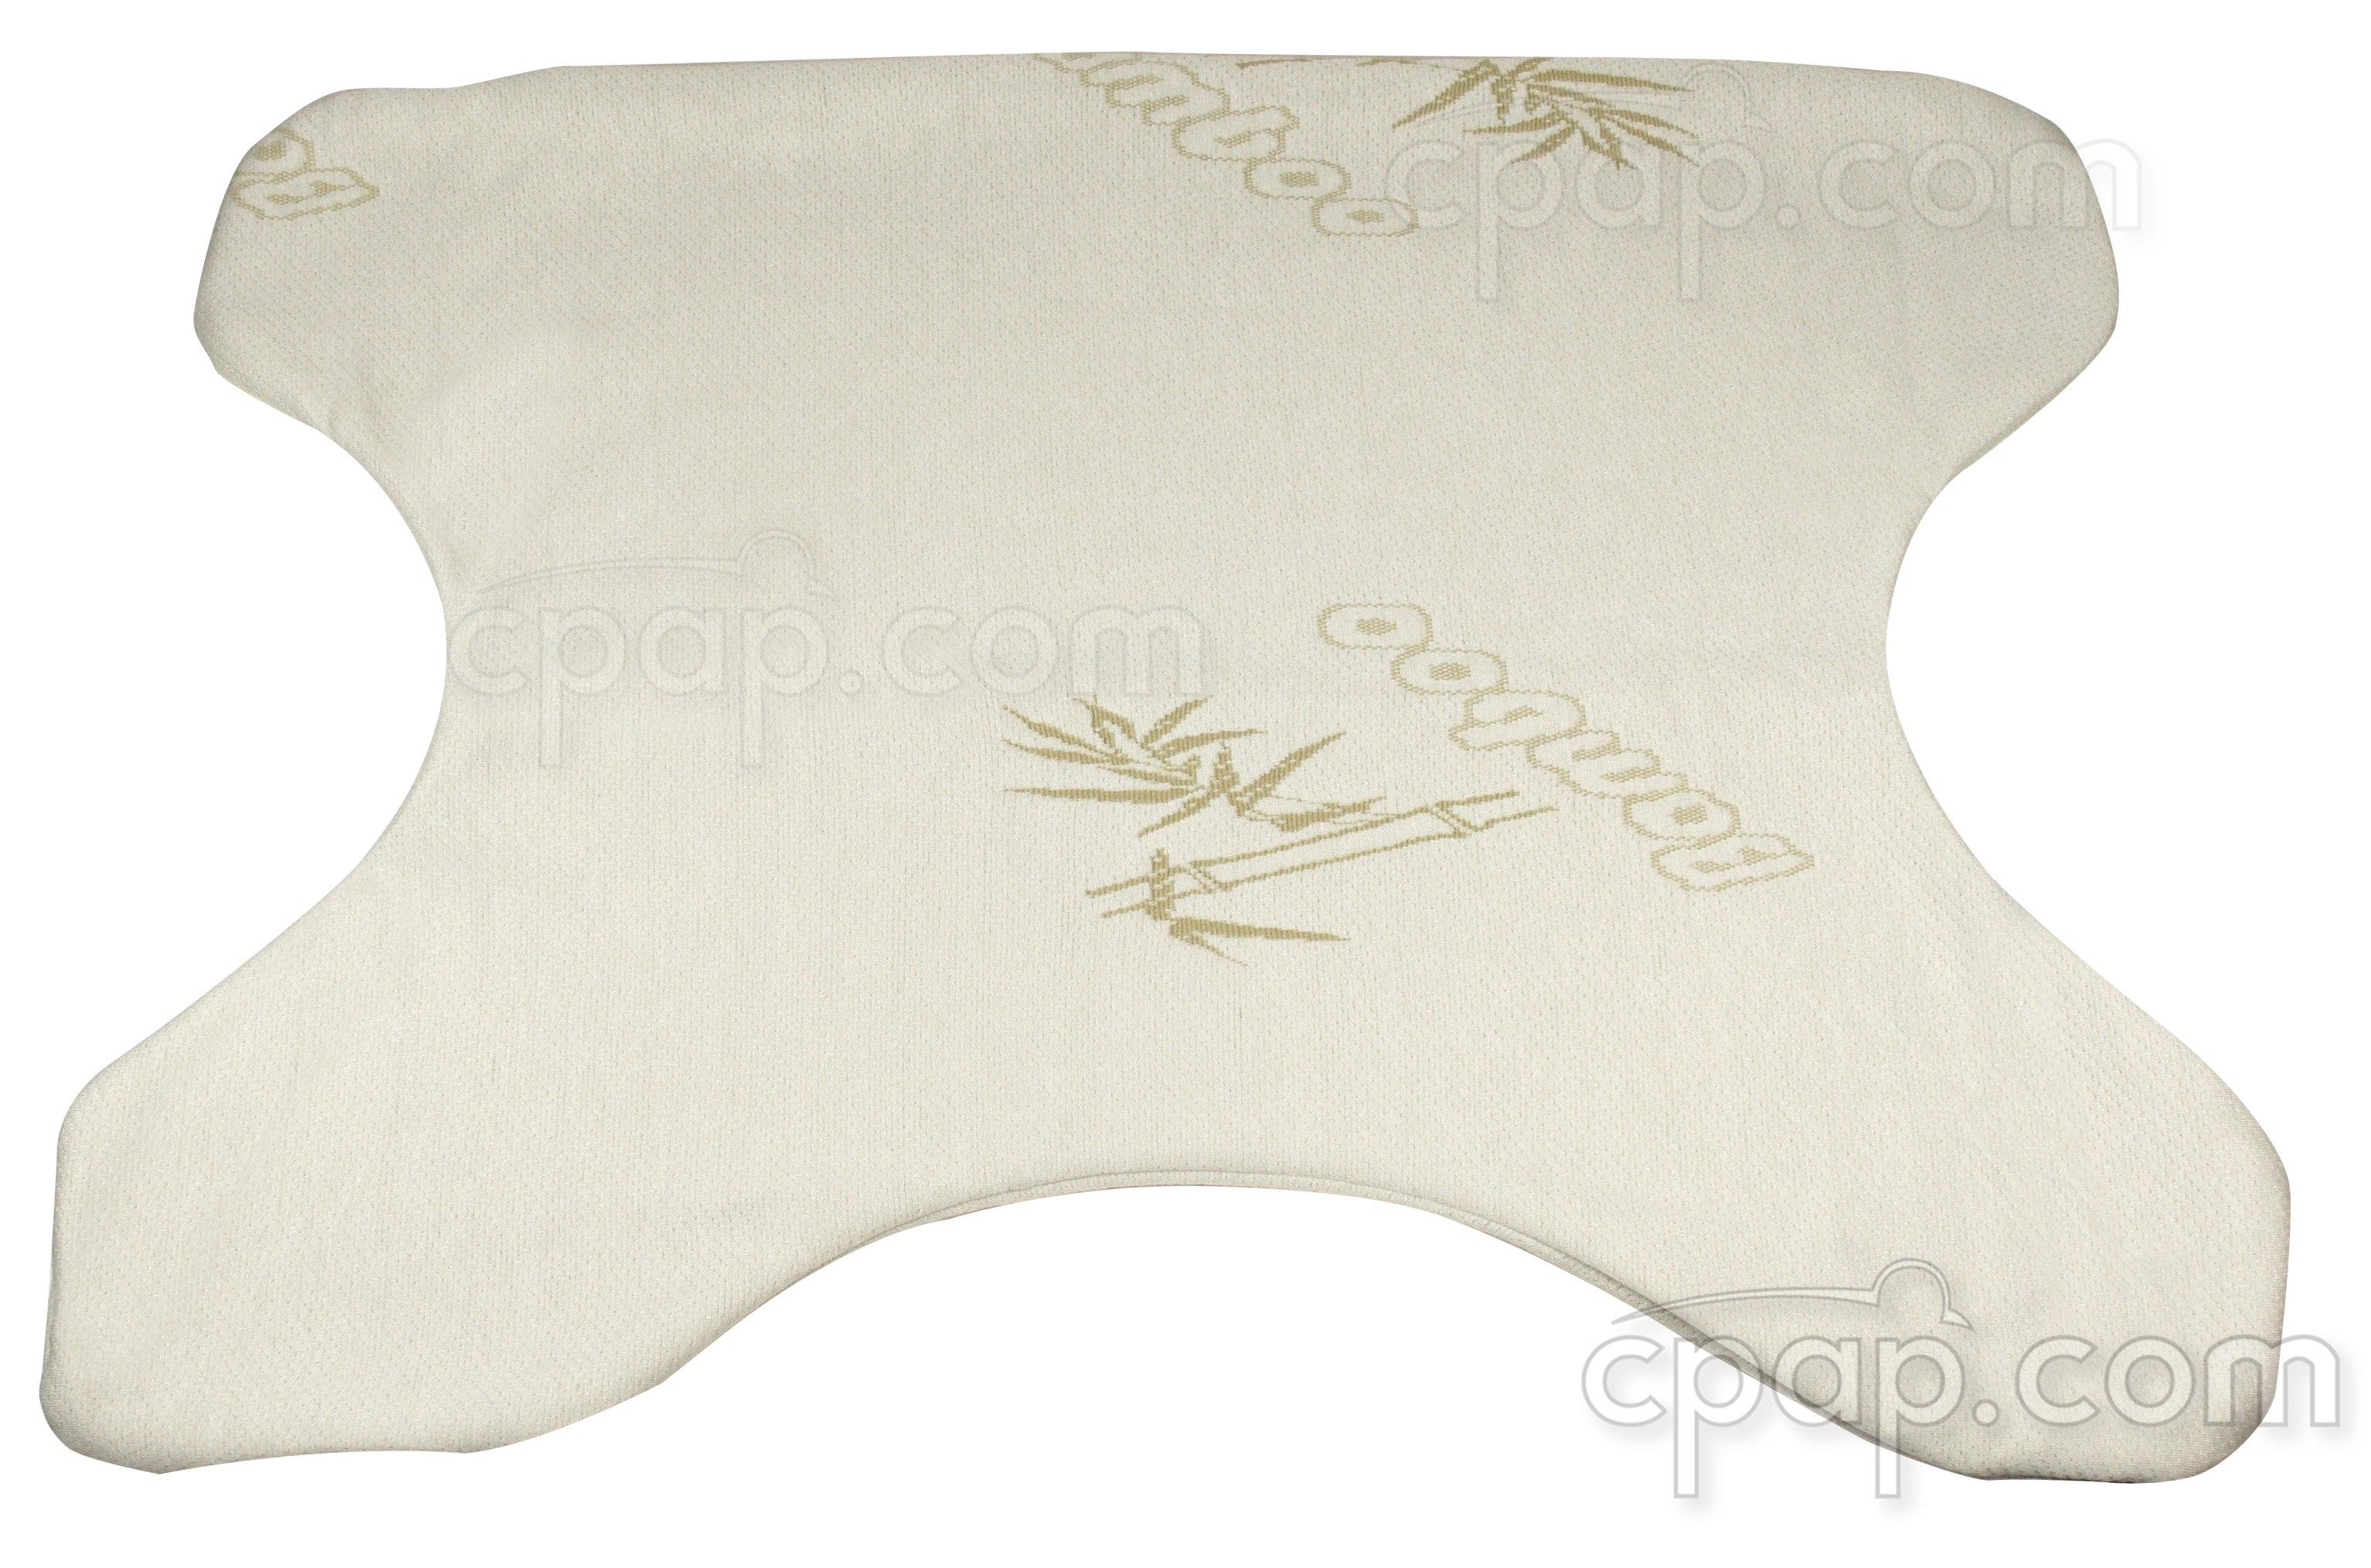 Pillowcase for SleePAP CPAP Pillow Second Gen - Bamboo